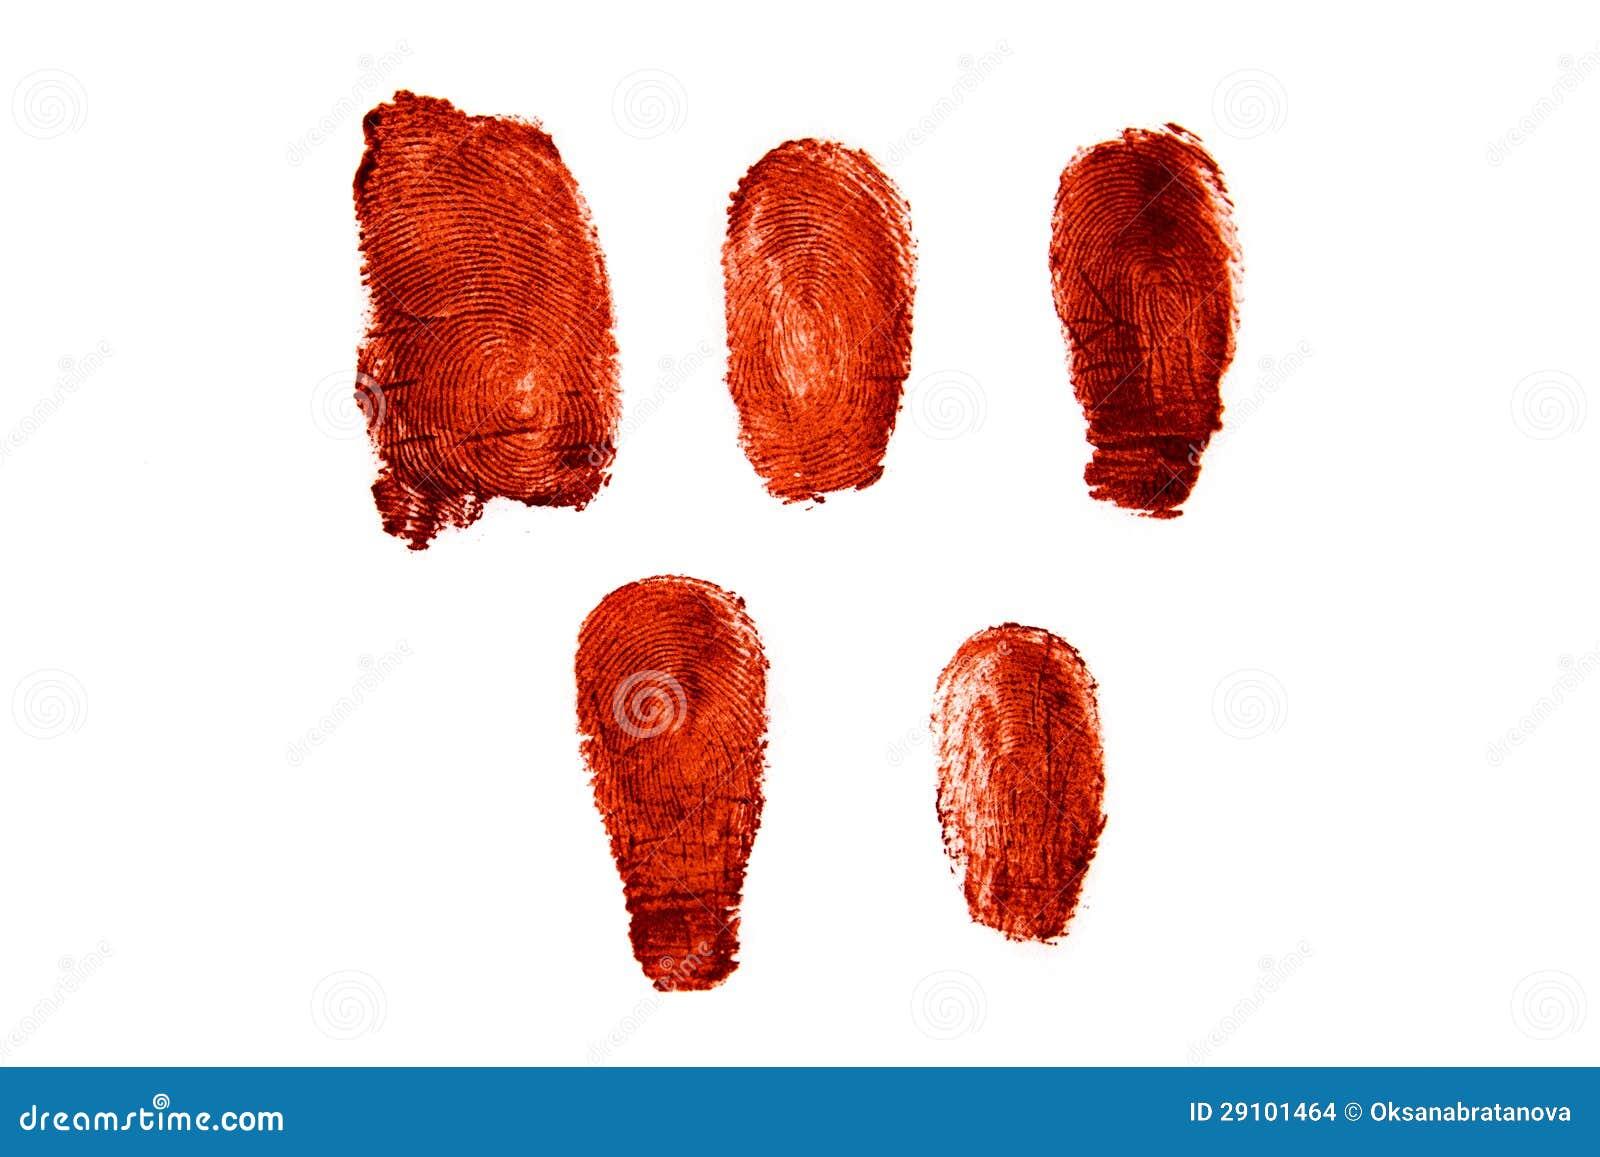 Krwiści odciski palca